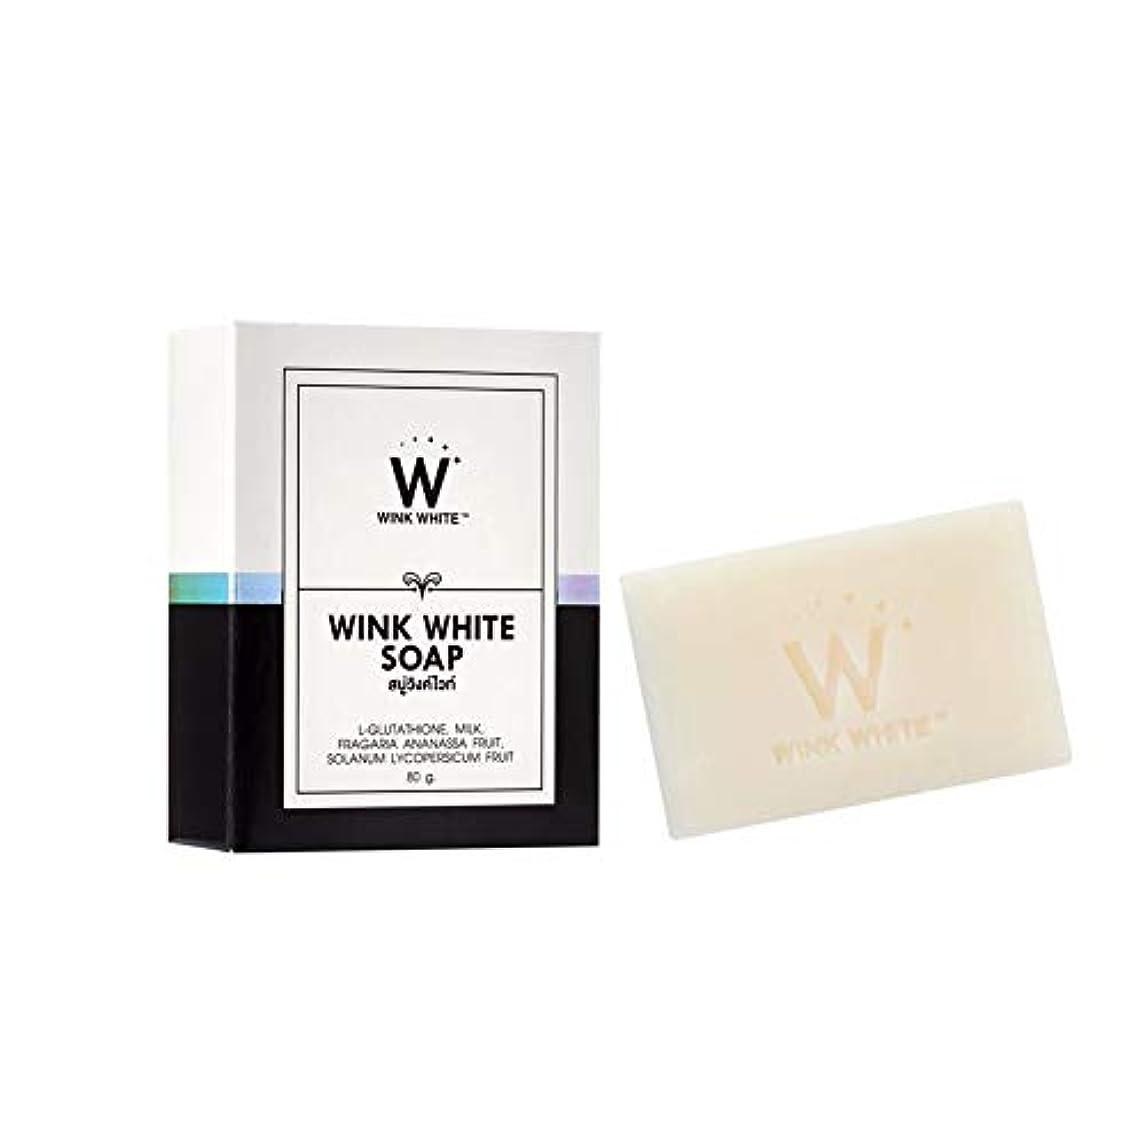 すずめ巻き戻す寮Soap Net Nature White Soap Base Wink White Soap Gluta Pure Skin Body Whitening Strawberry for Whitening Skin All...